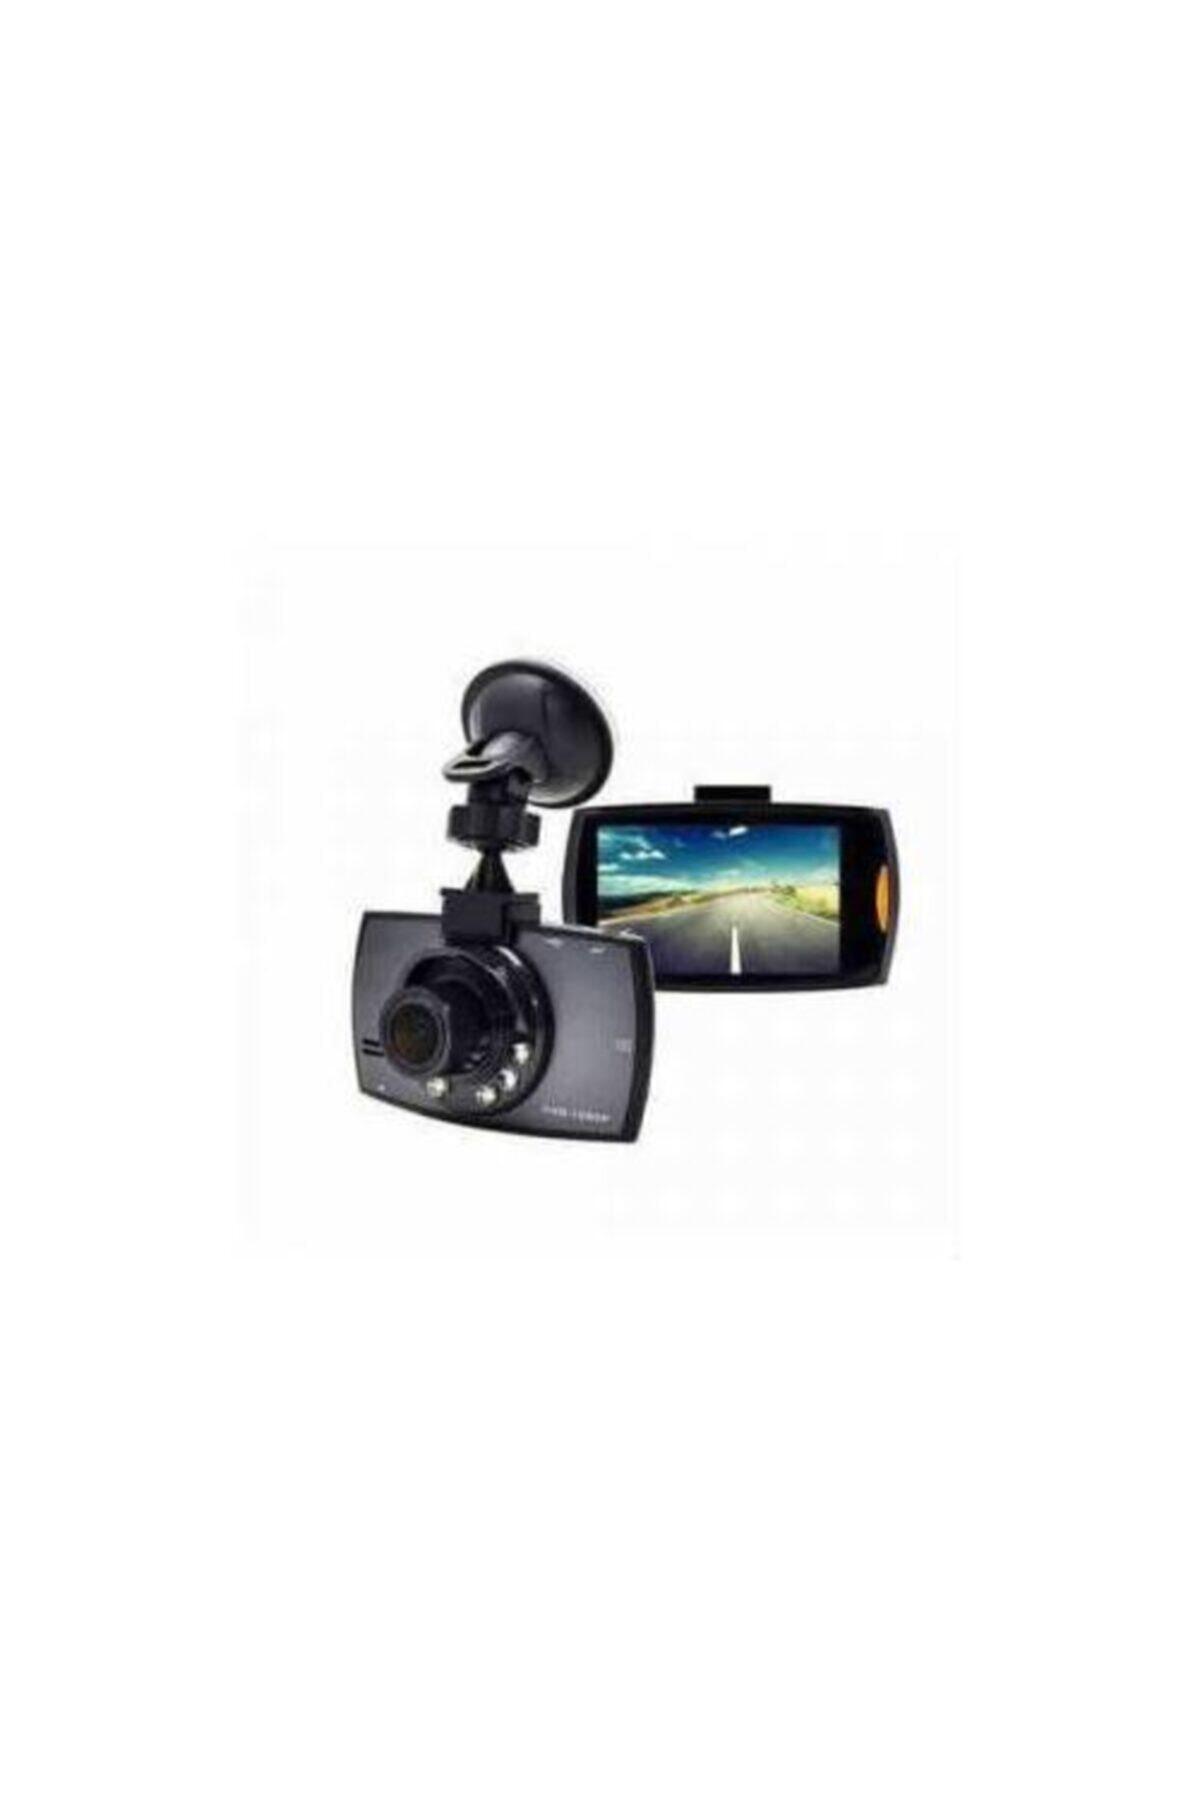 Piranha 1315 Araç Içi Full Hd Kamera 1